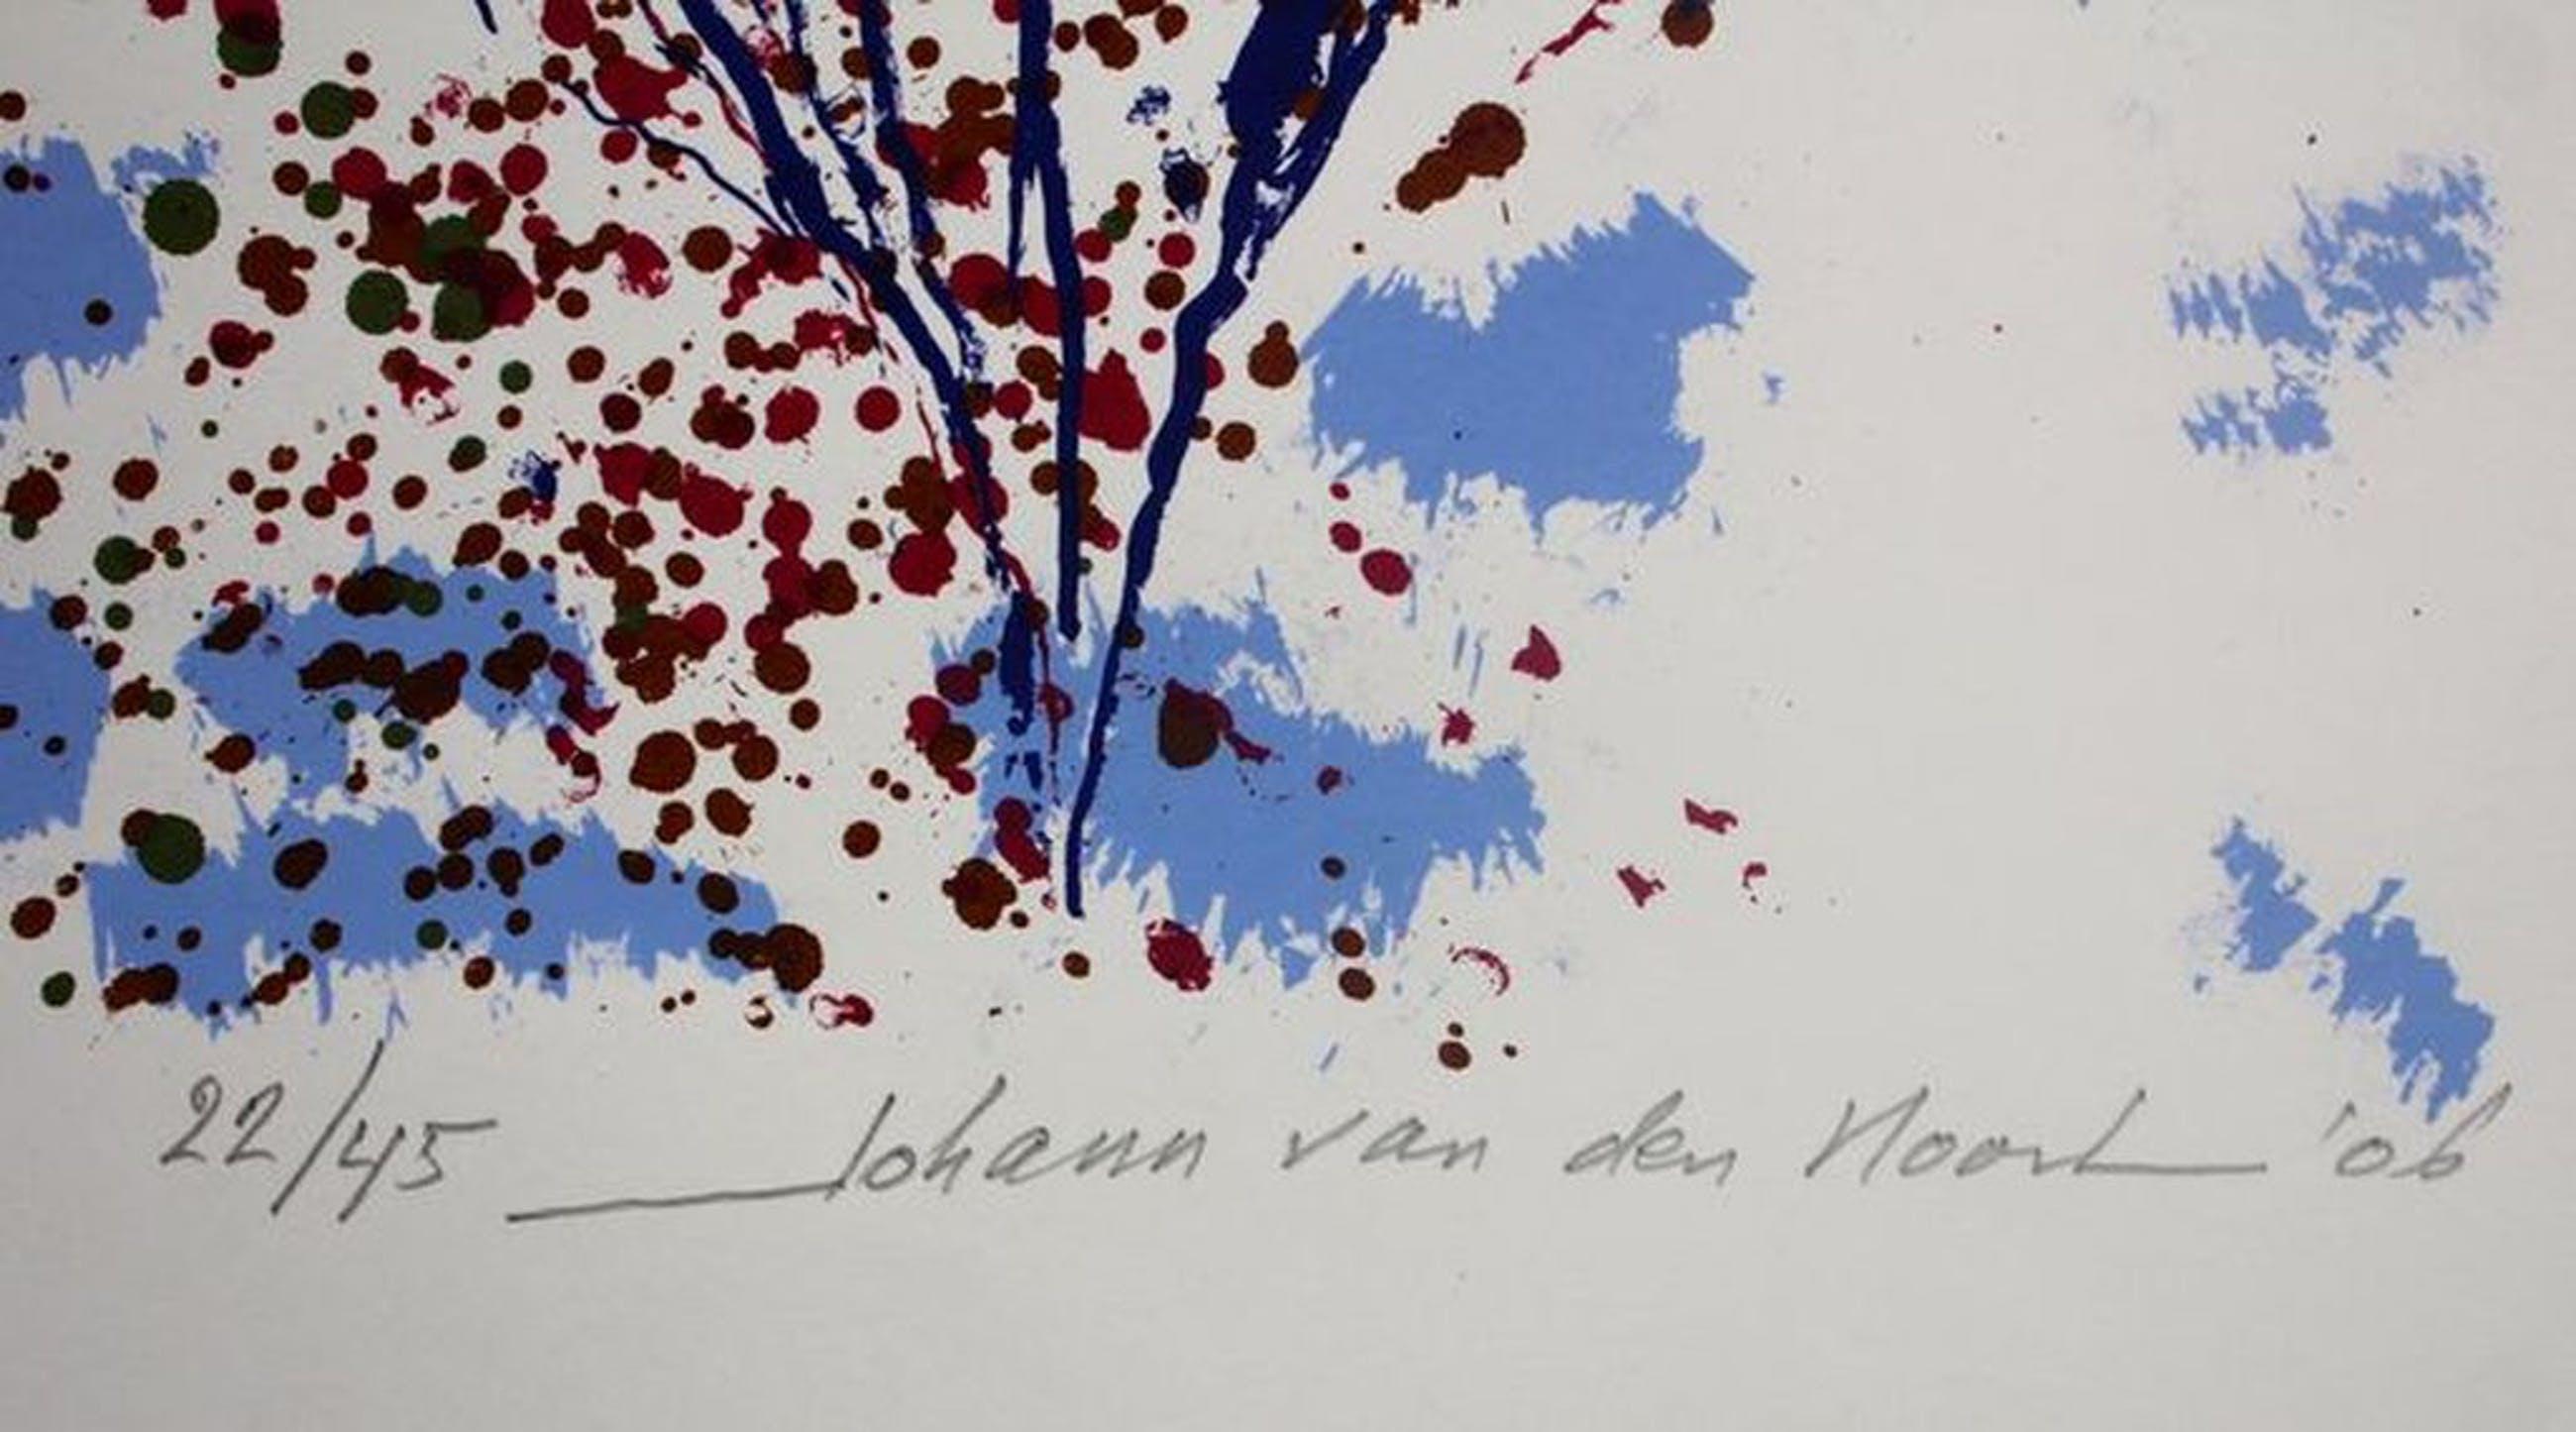 JOHAN van den NOORT  Gesigneerde Kleurenzeefdruk FLYING BIRD uit 2006 kopen? Bied vanaf 40!